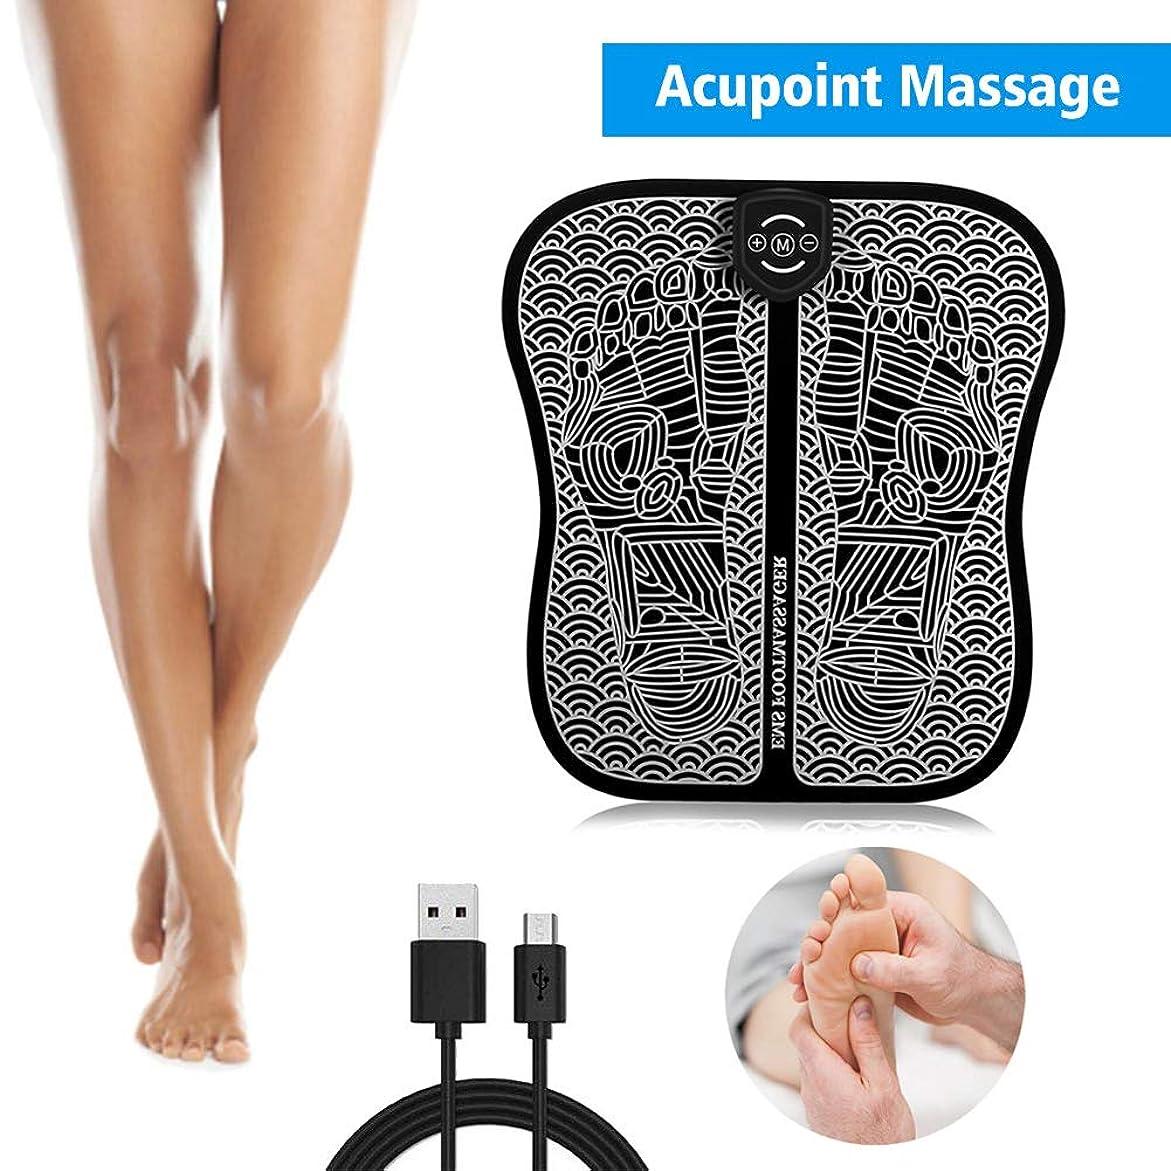 ベール私たち自身ポジティブEMSスマートフットマッサージパッド、フットマッサージ器具、パルス理学療法器具、ポータブル折りたたみ、足の疲労を軽減,Chargingversion